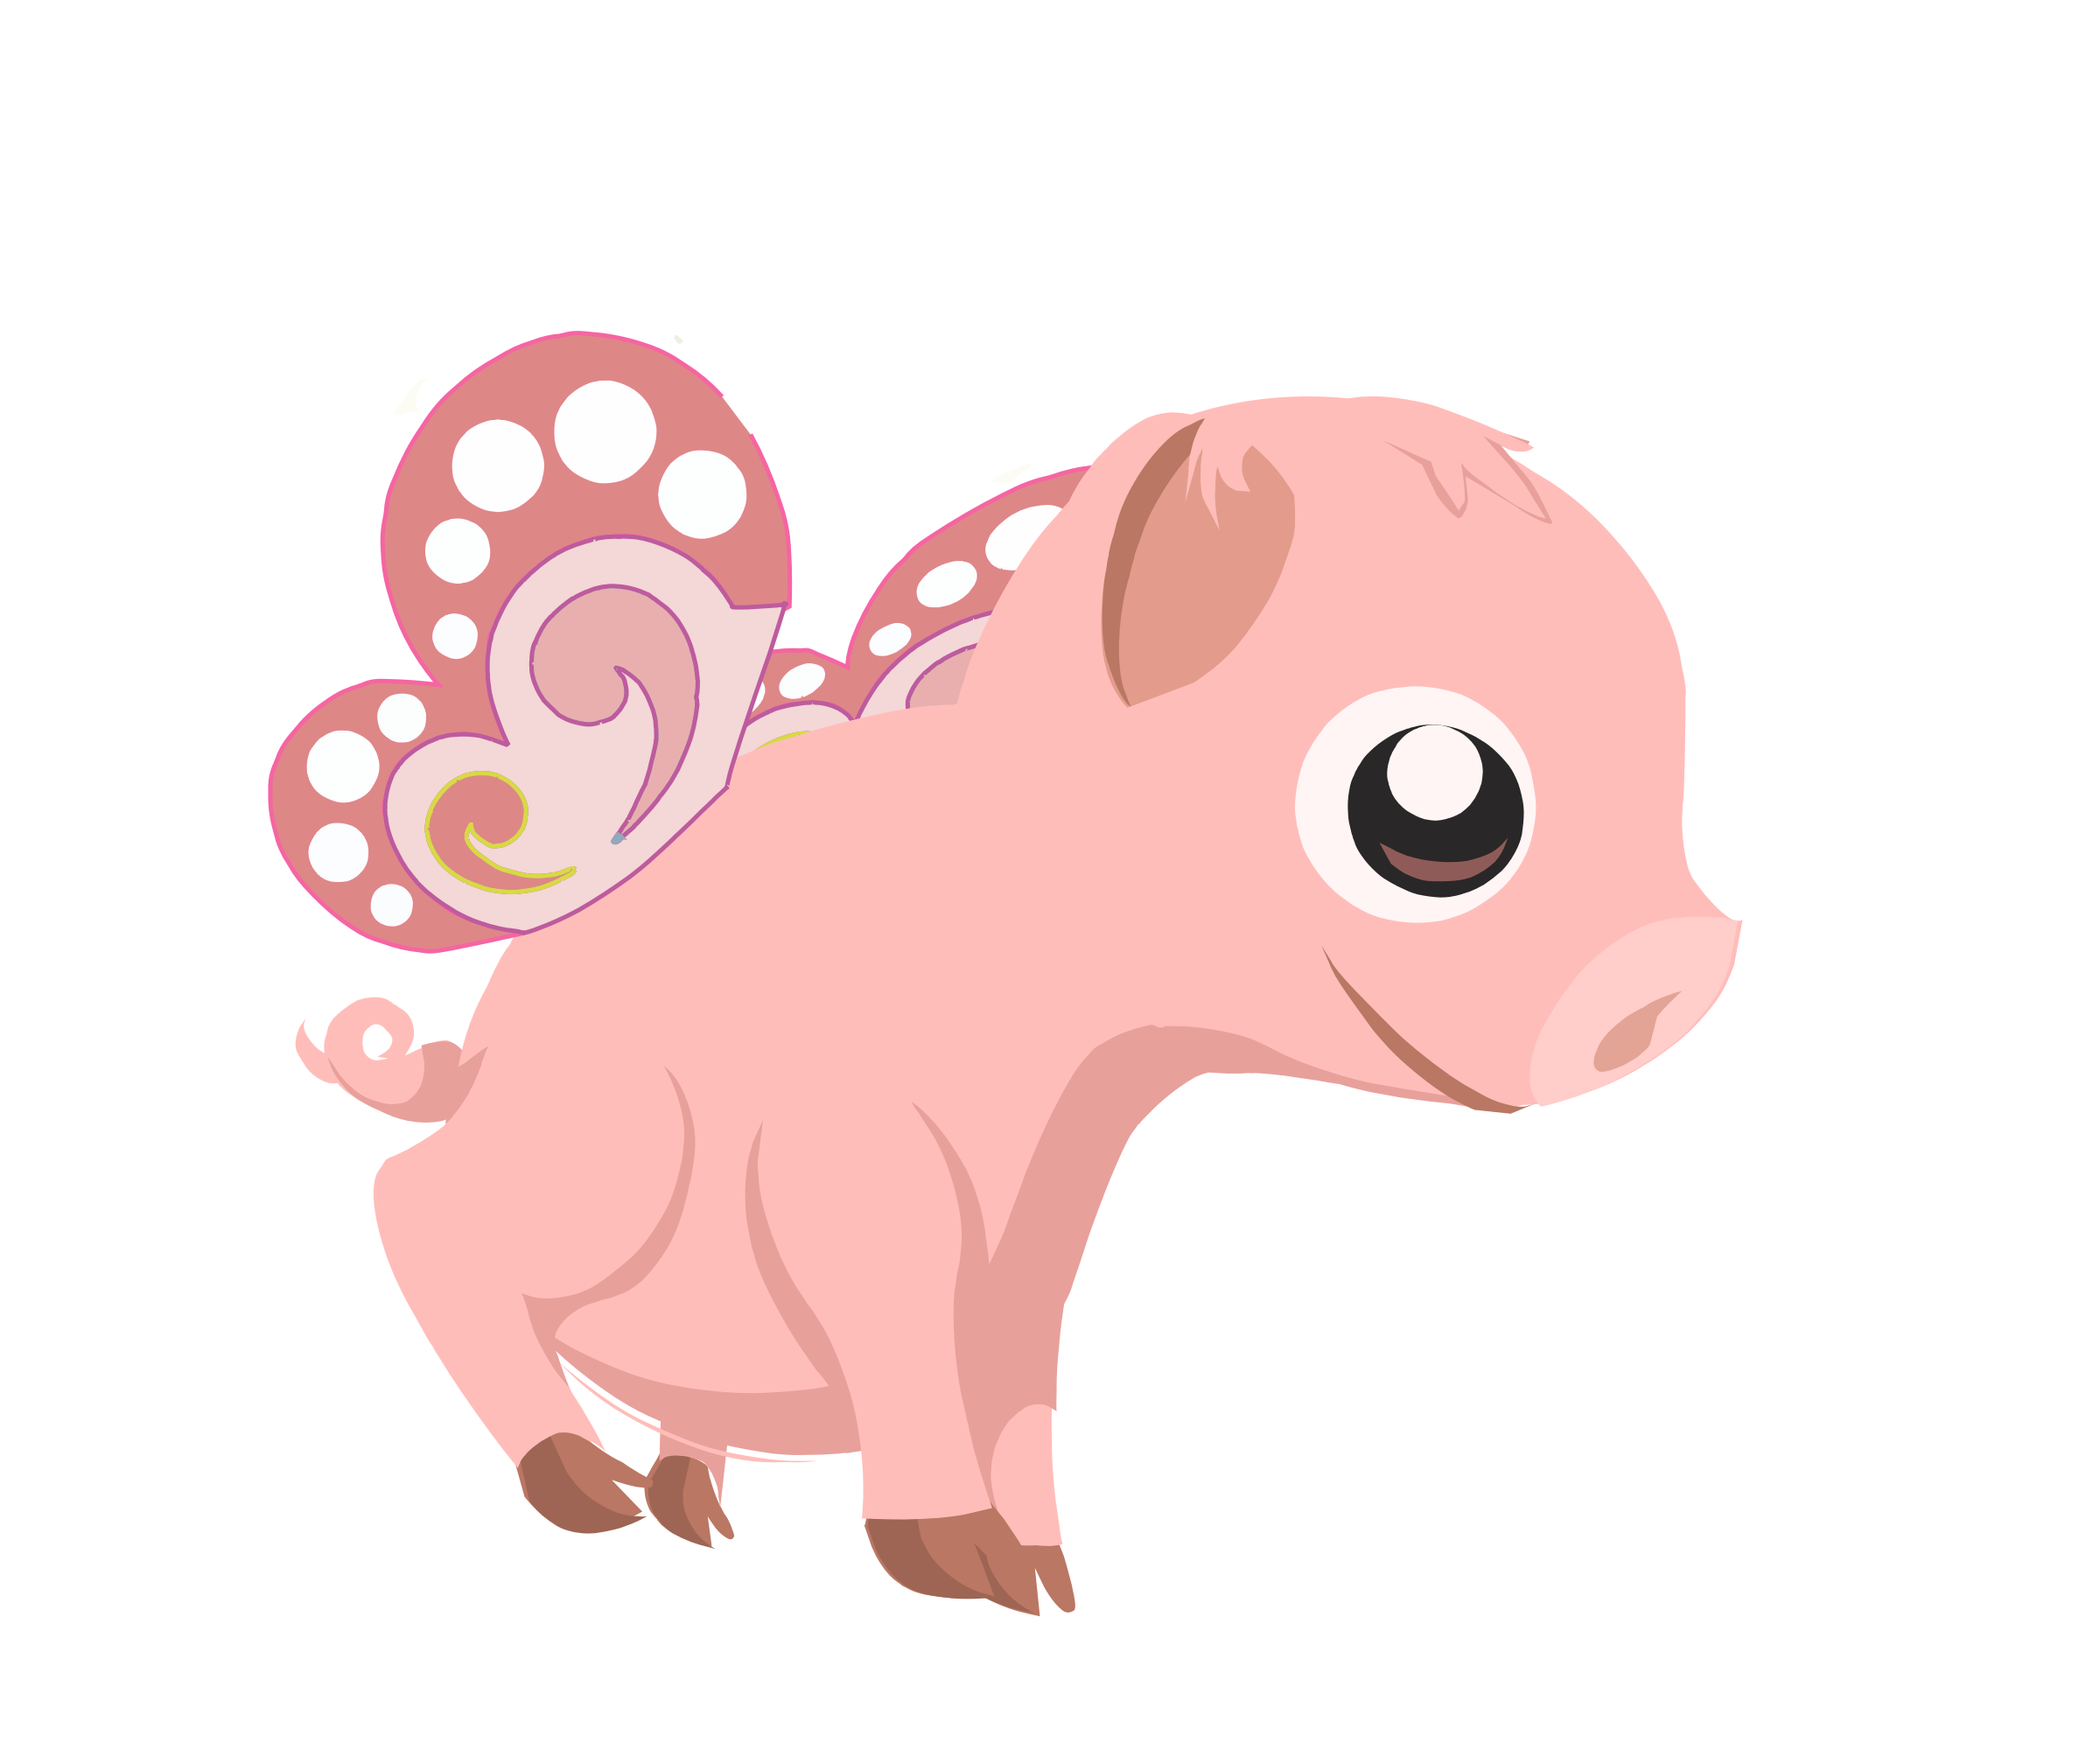 Flying piglet Animation - PNG Piglet